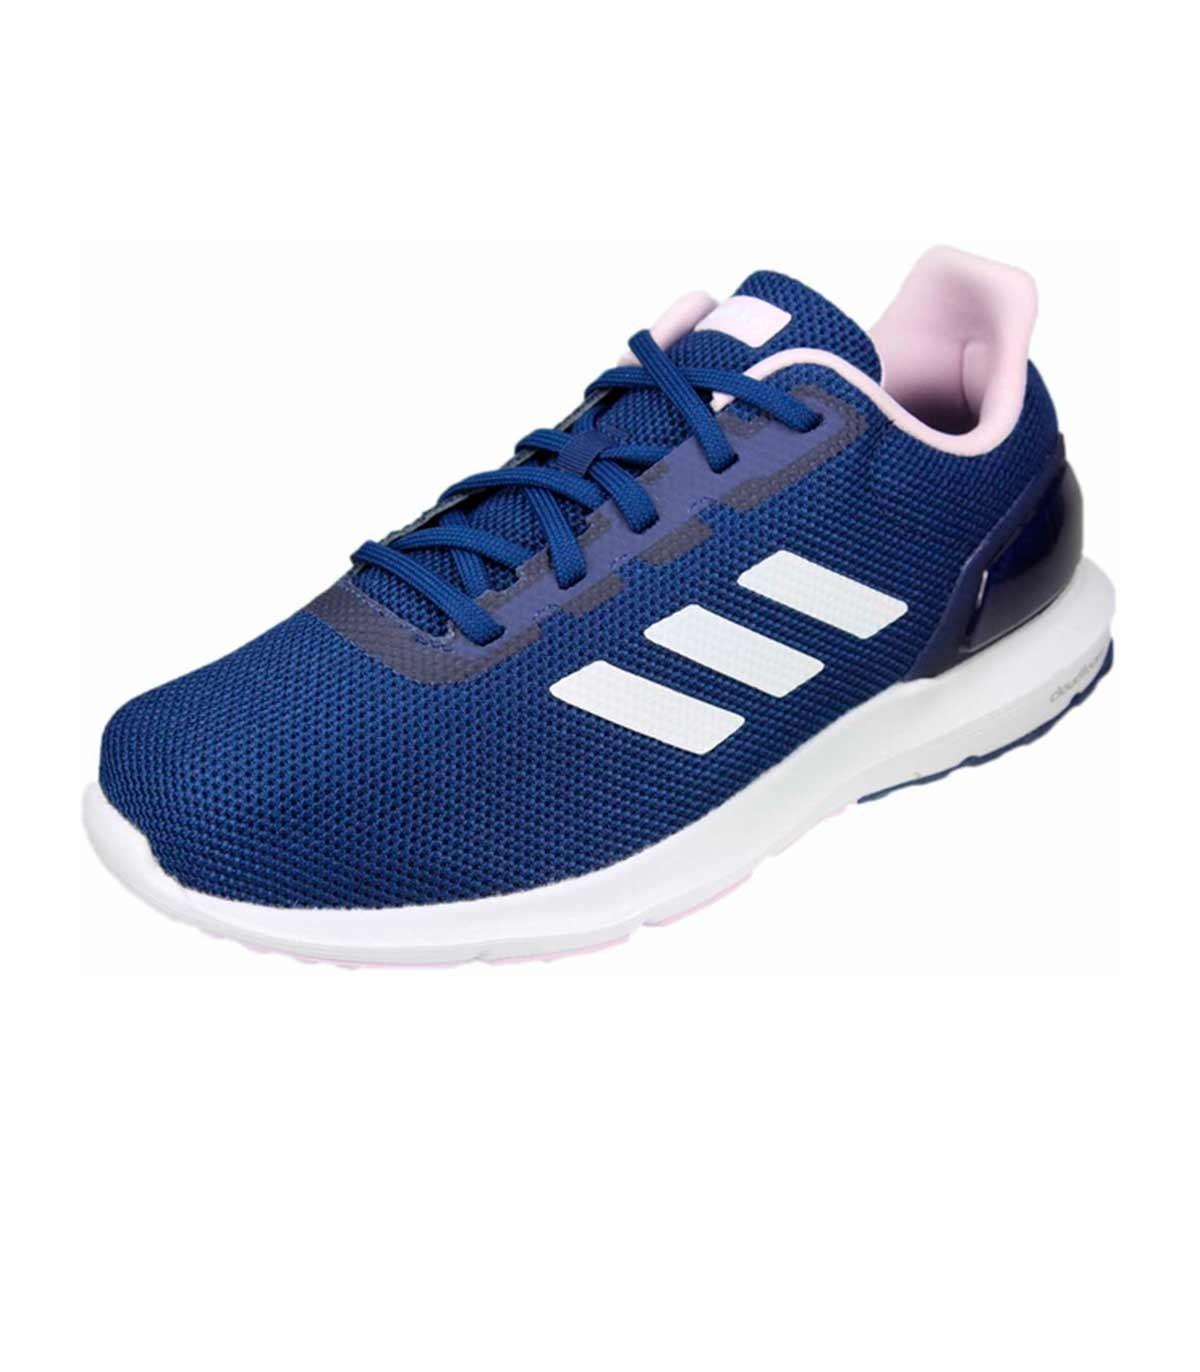 size 40 ffc99 0e36e Adidas Cosmic 2 Zapatilla